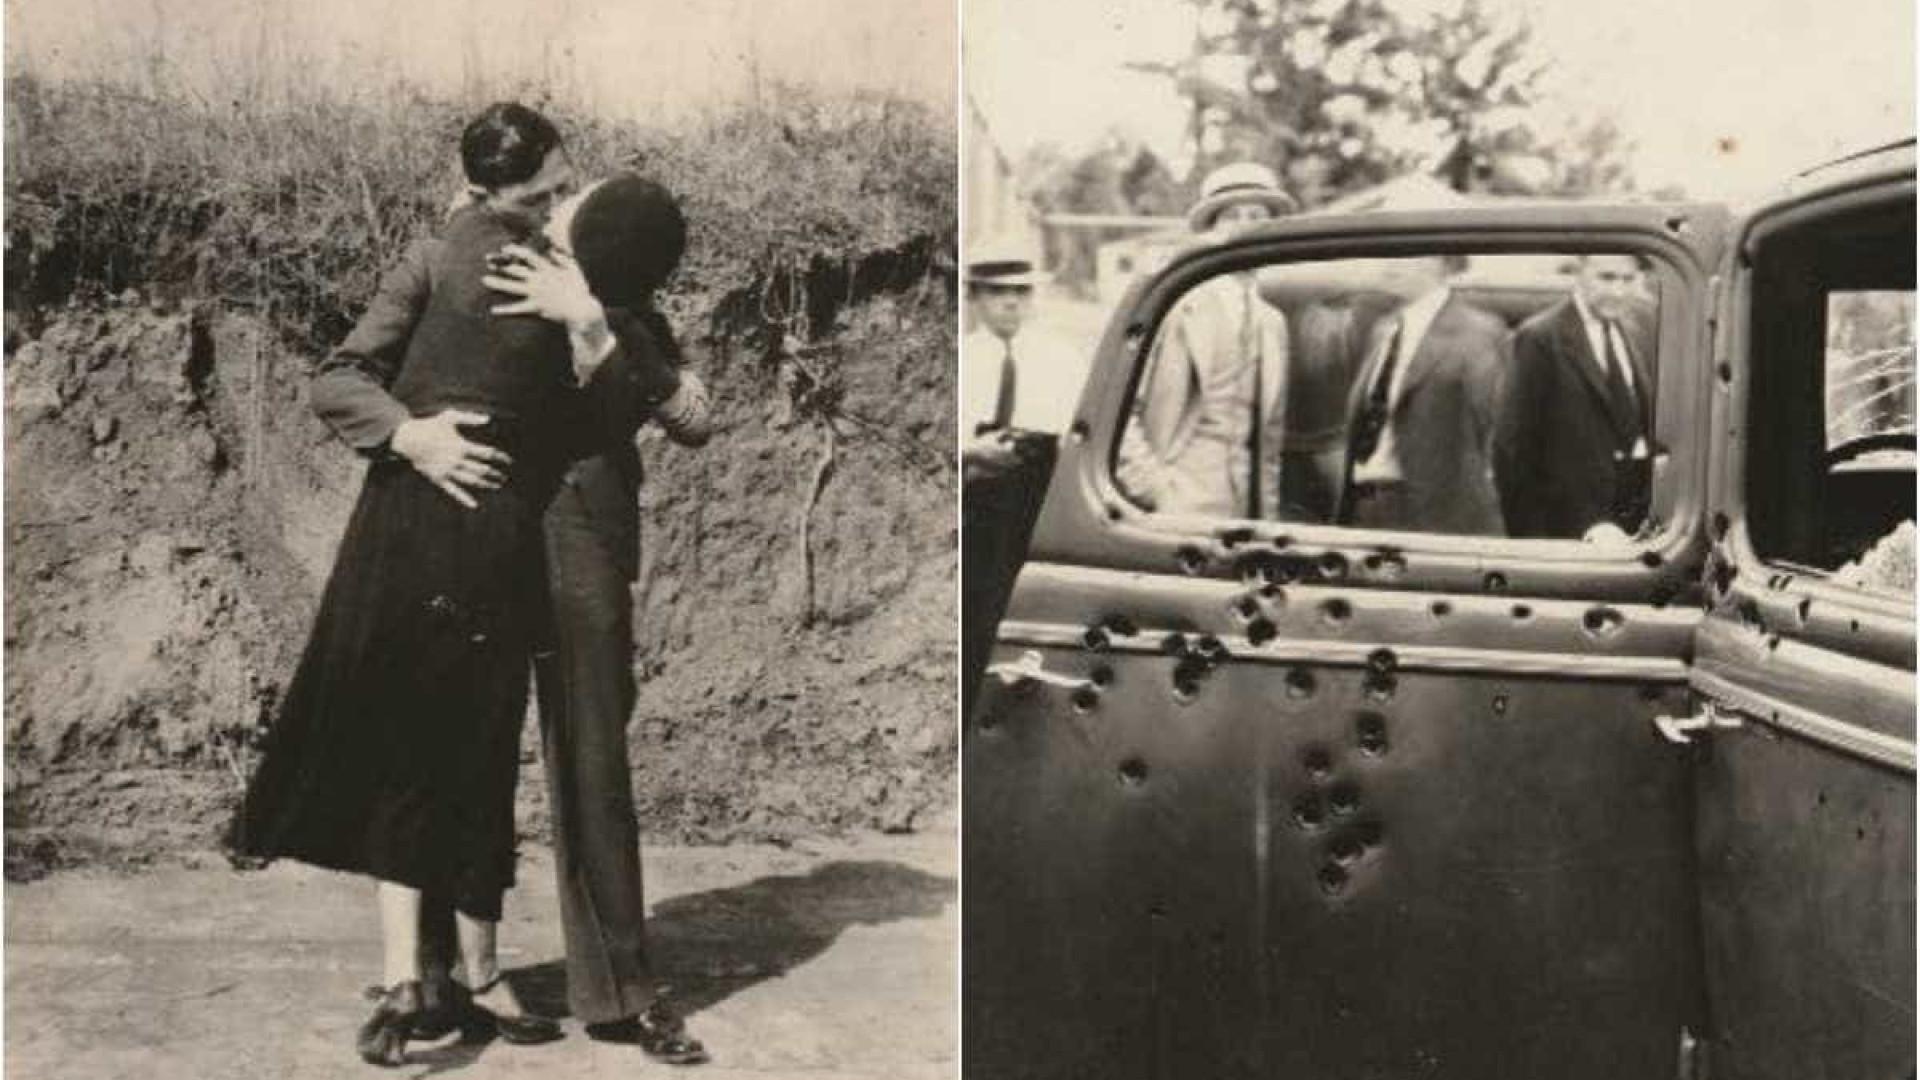 Horas finais de Bonnie e Clyde reveladas em fotografias inéditas